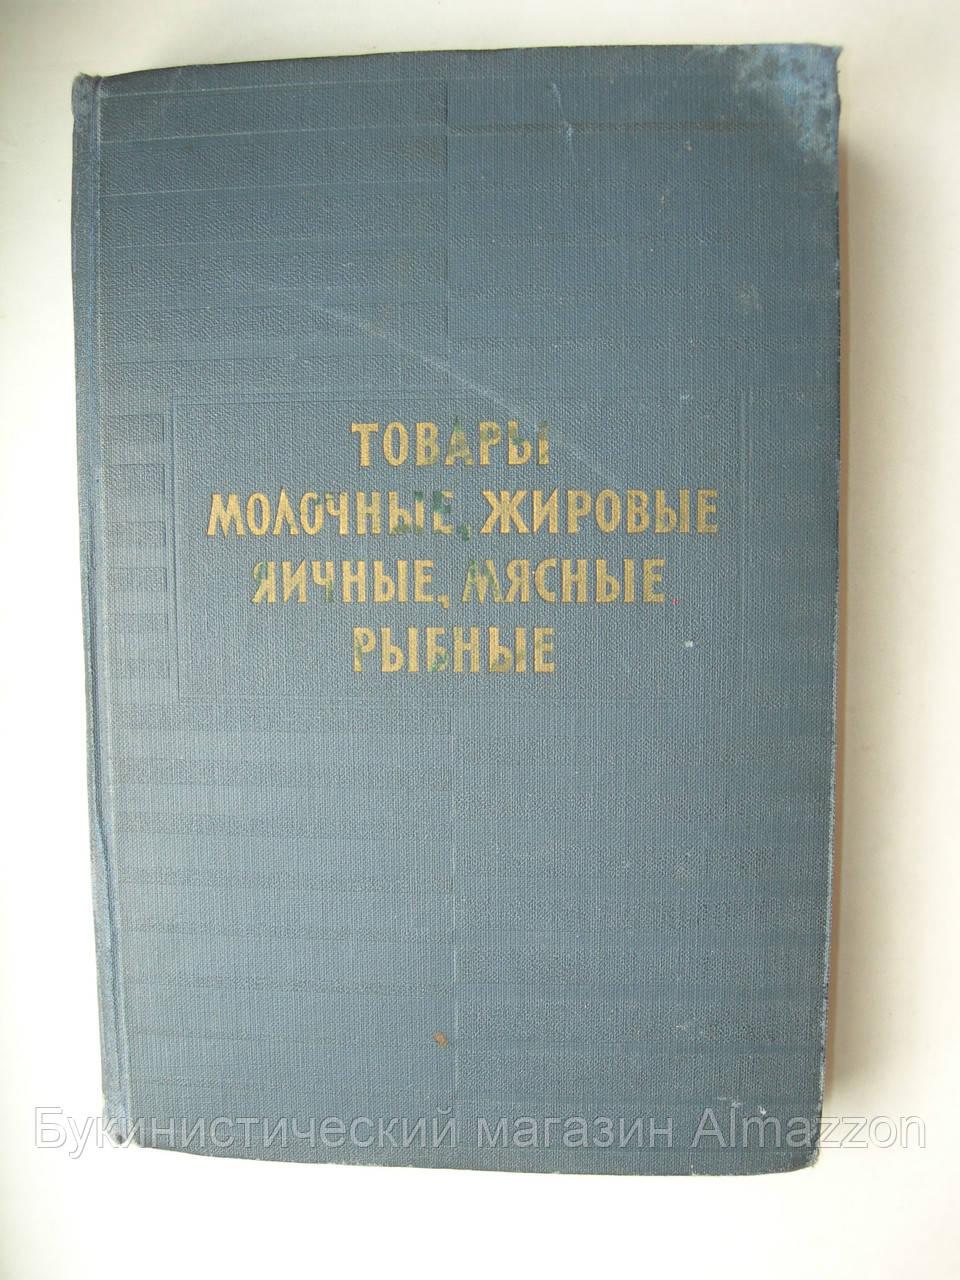 """""""Товары молочные, жировые, яичные, мясные, рыбные"""" Росторгиздат. 1961год"""